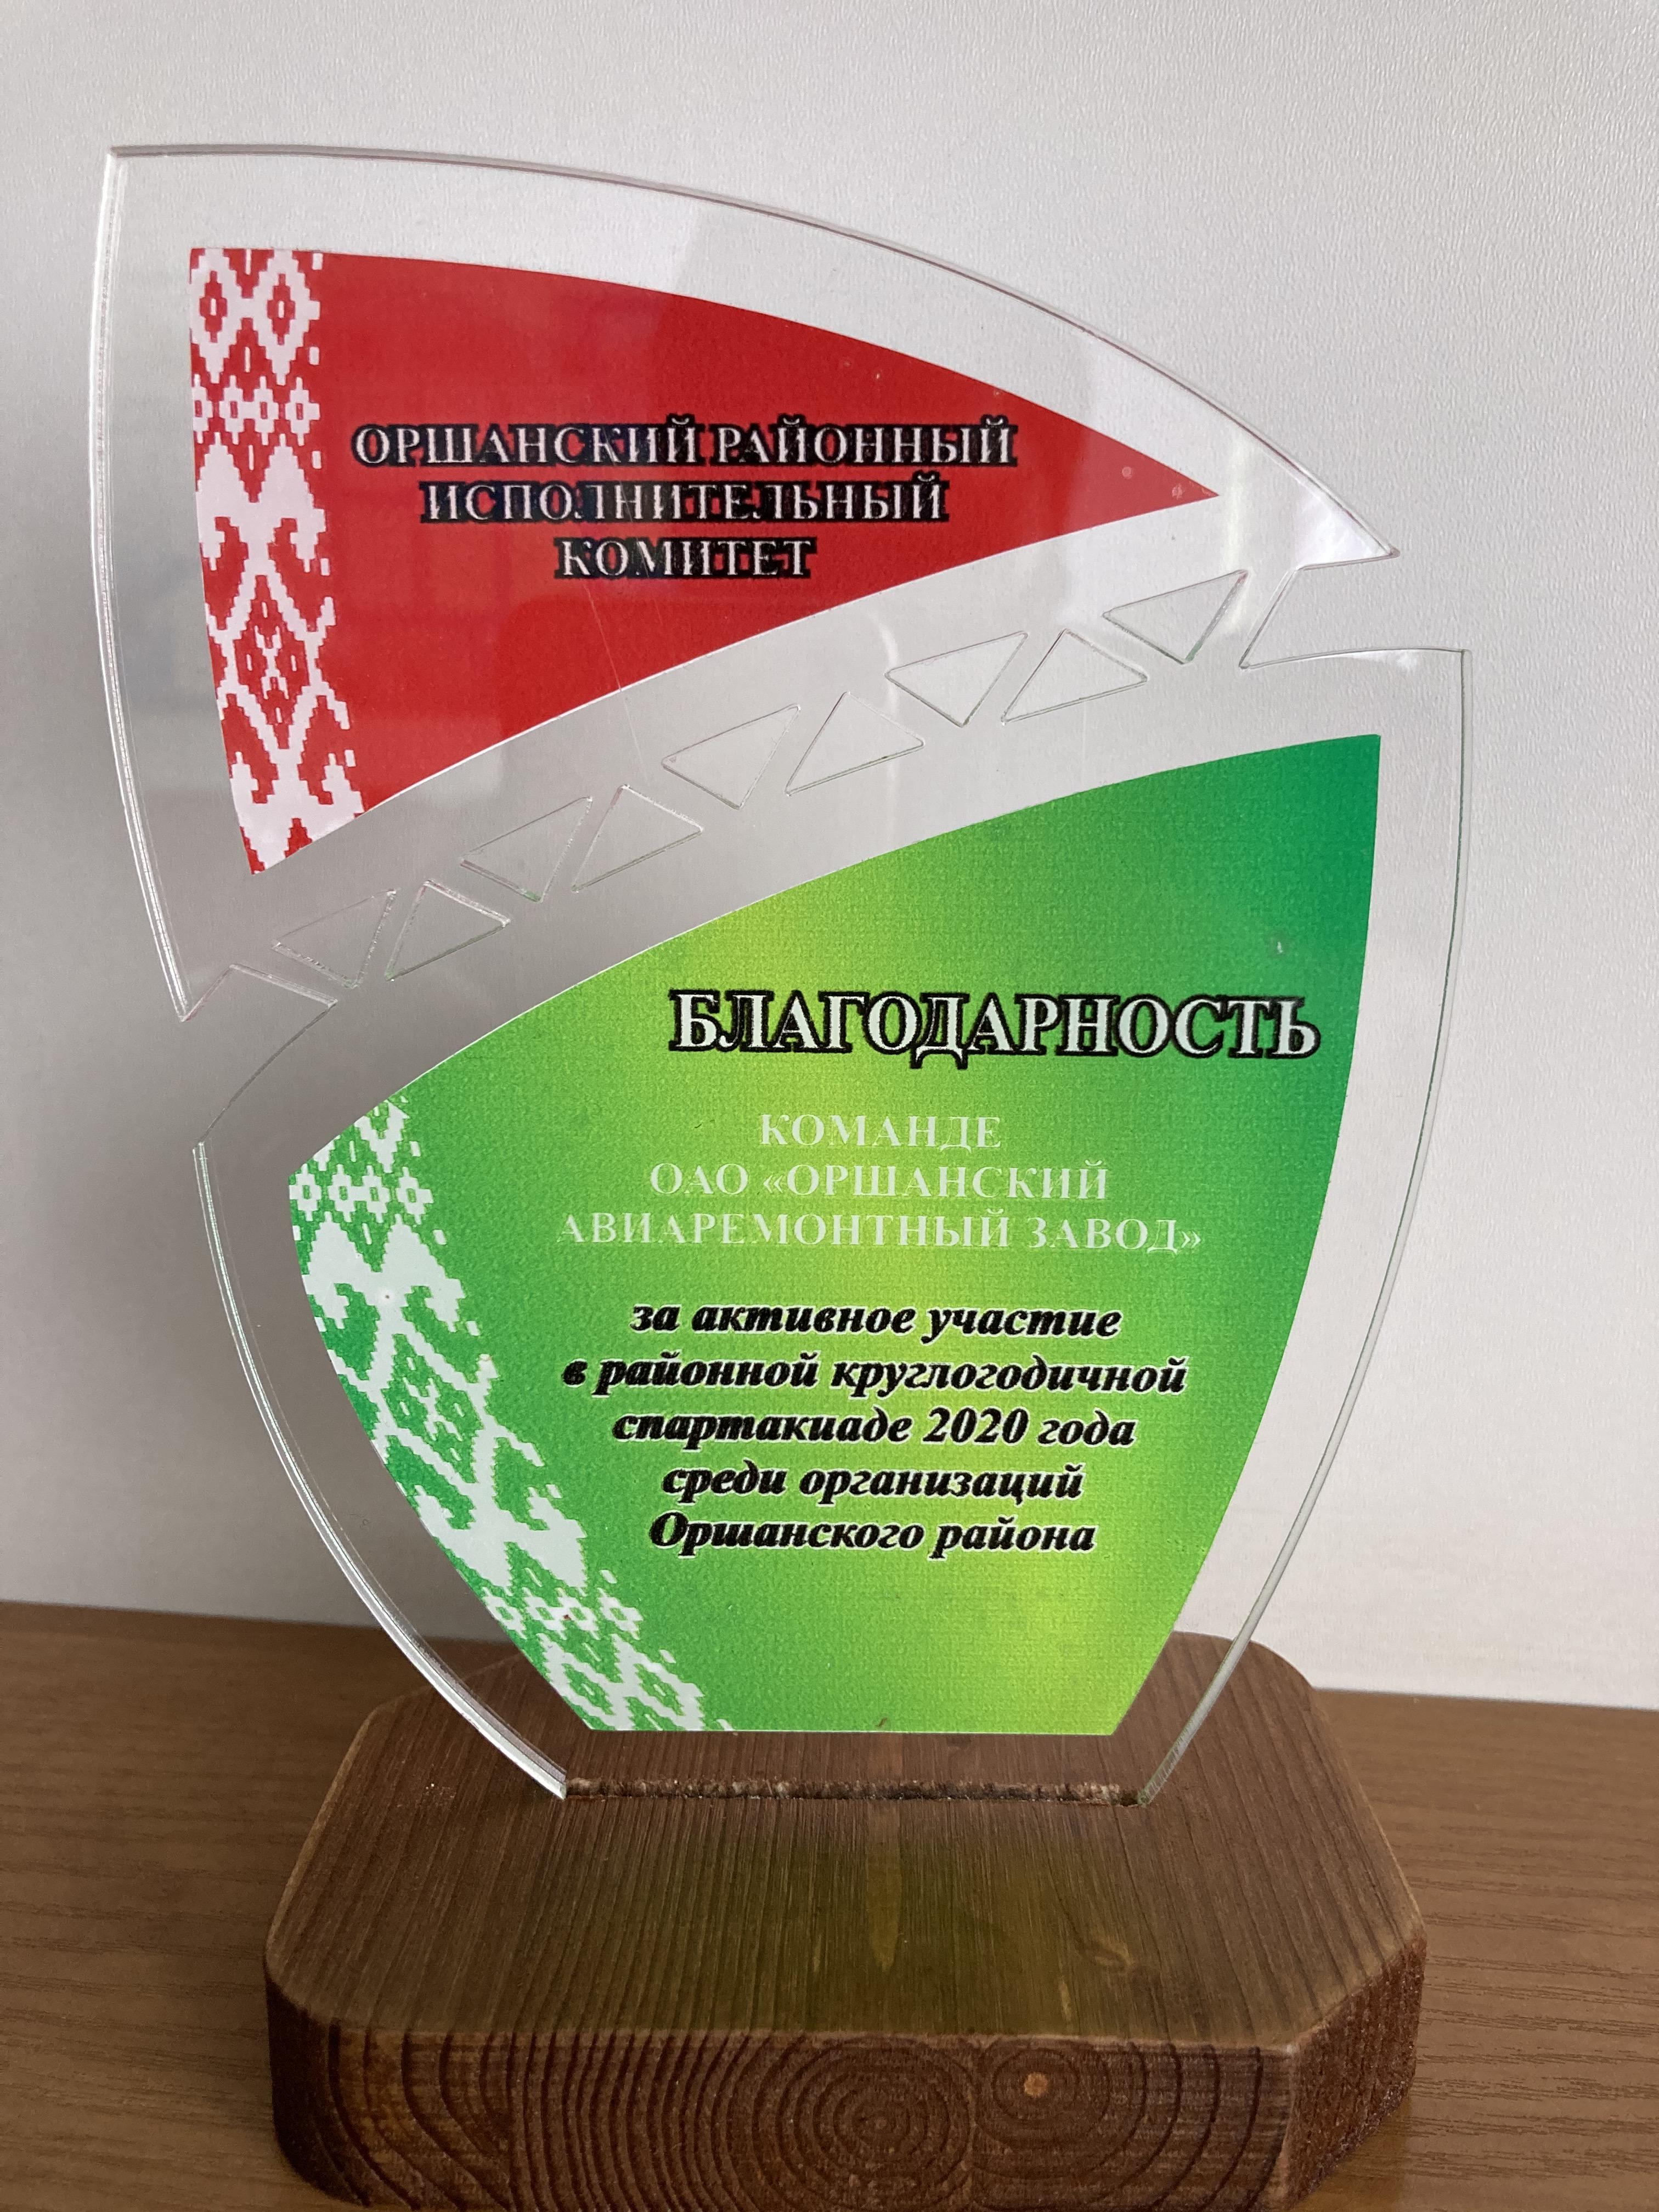 Благодарность Оршанского районного исполнительного комитета